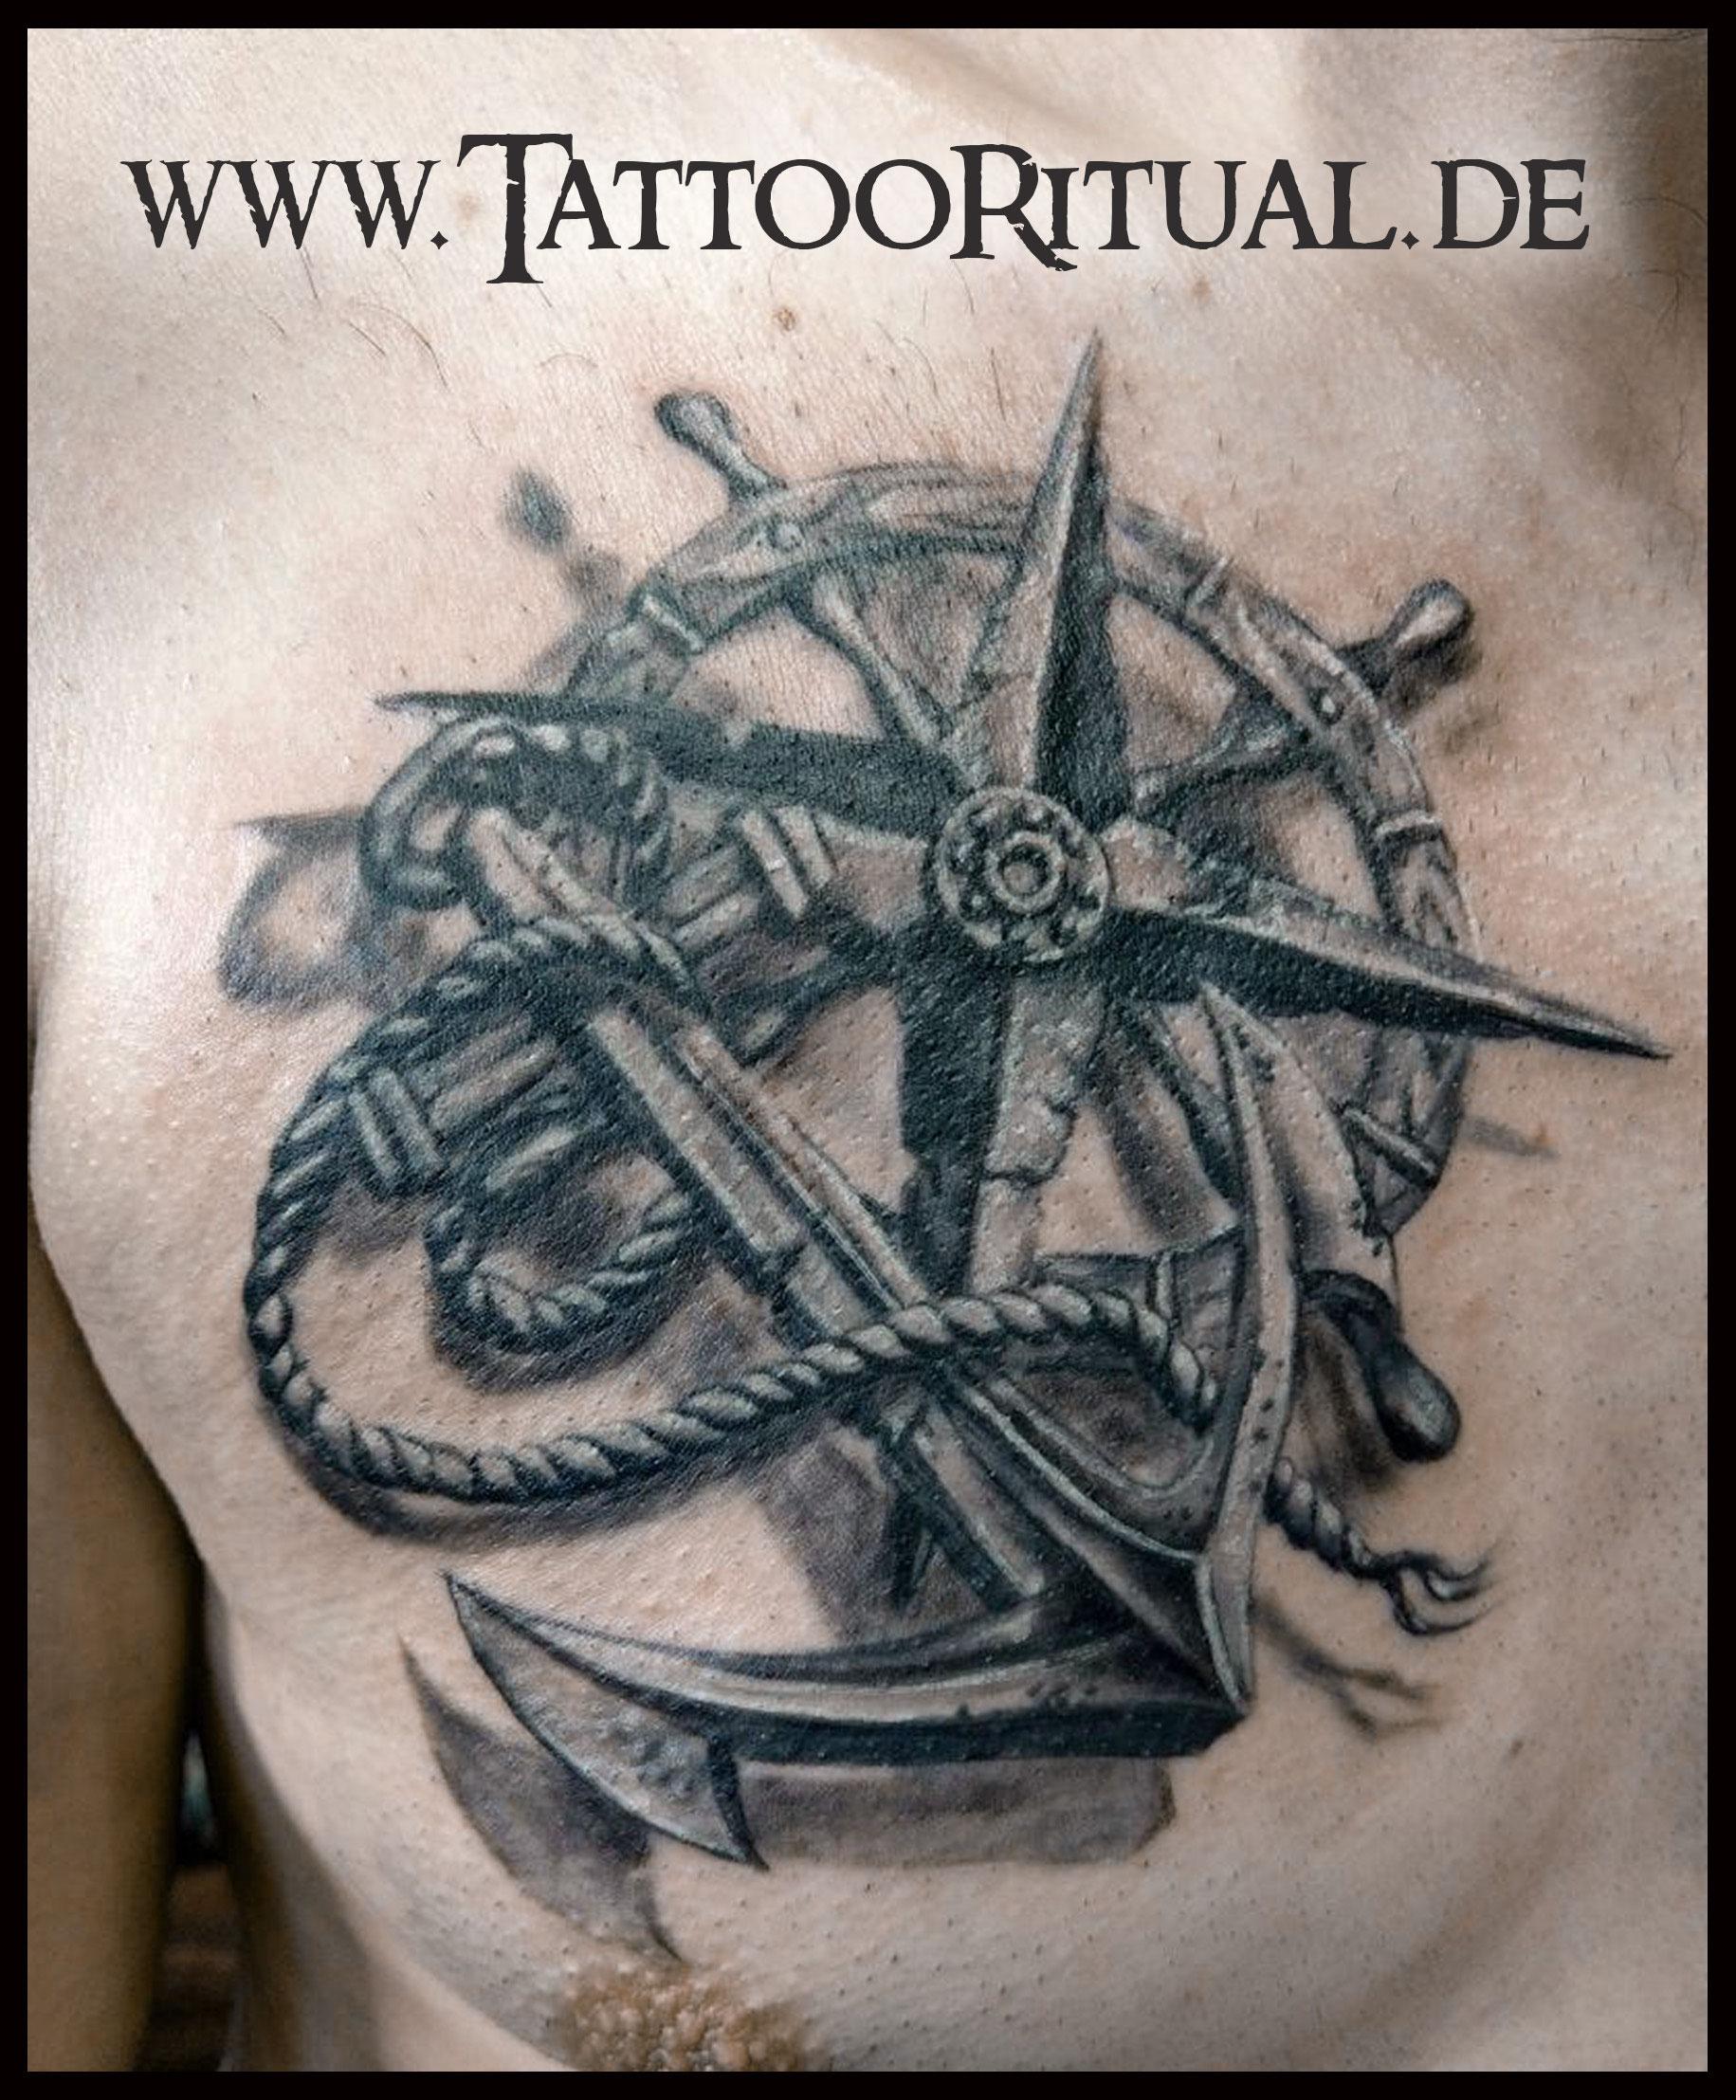 Tattoo Pflege Und Anschließende Entgiftung Tattooritual Dein